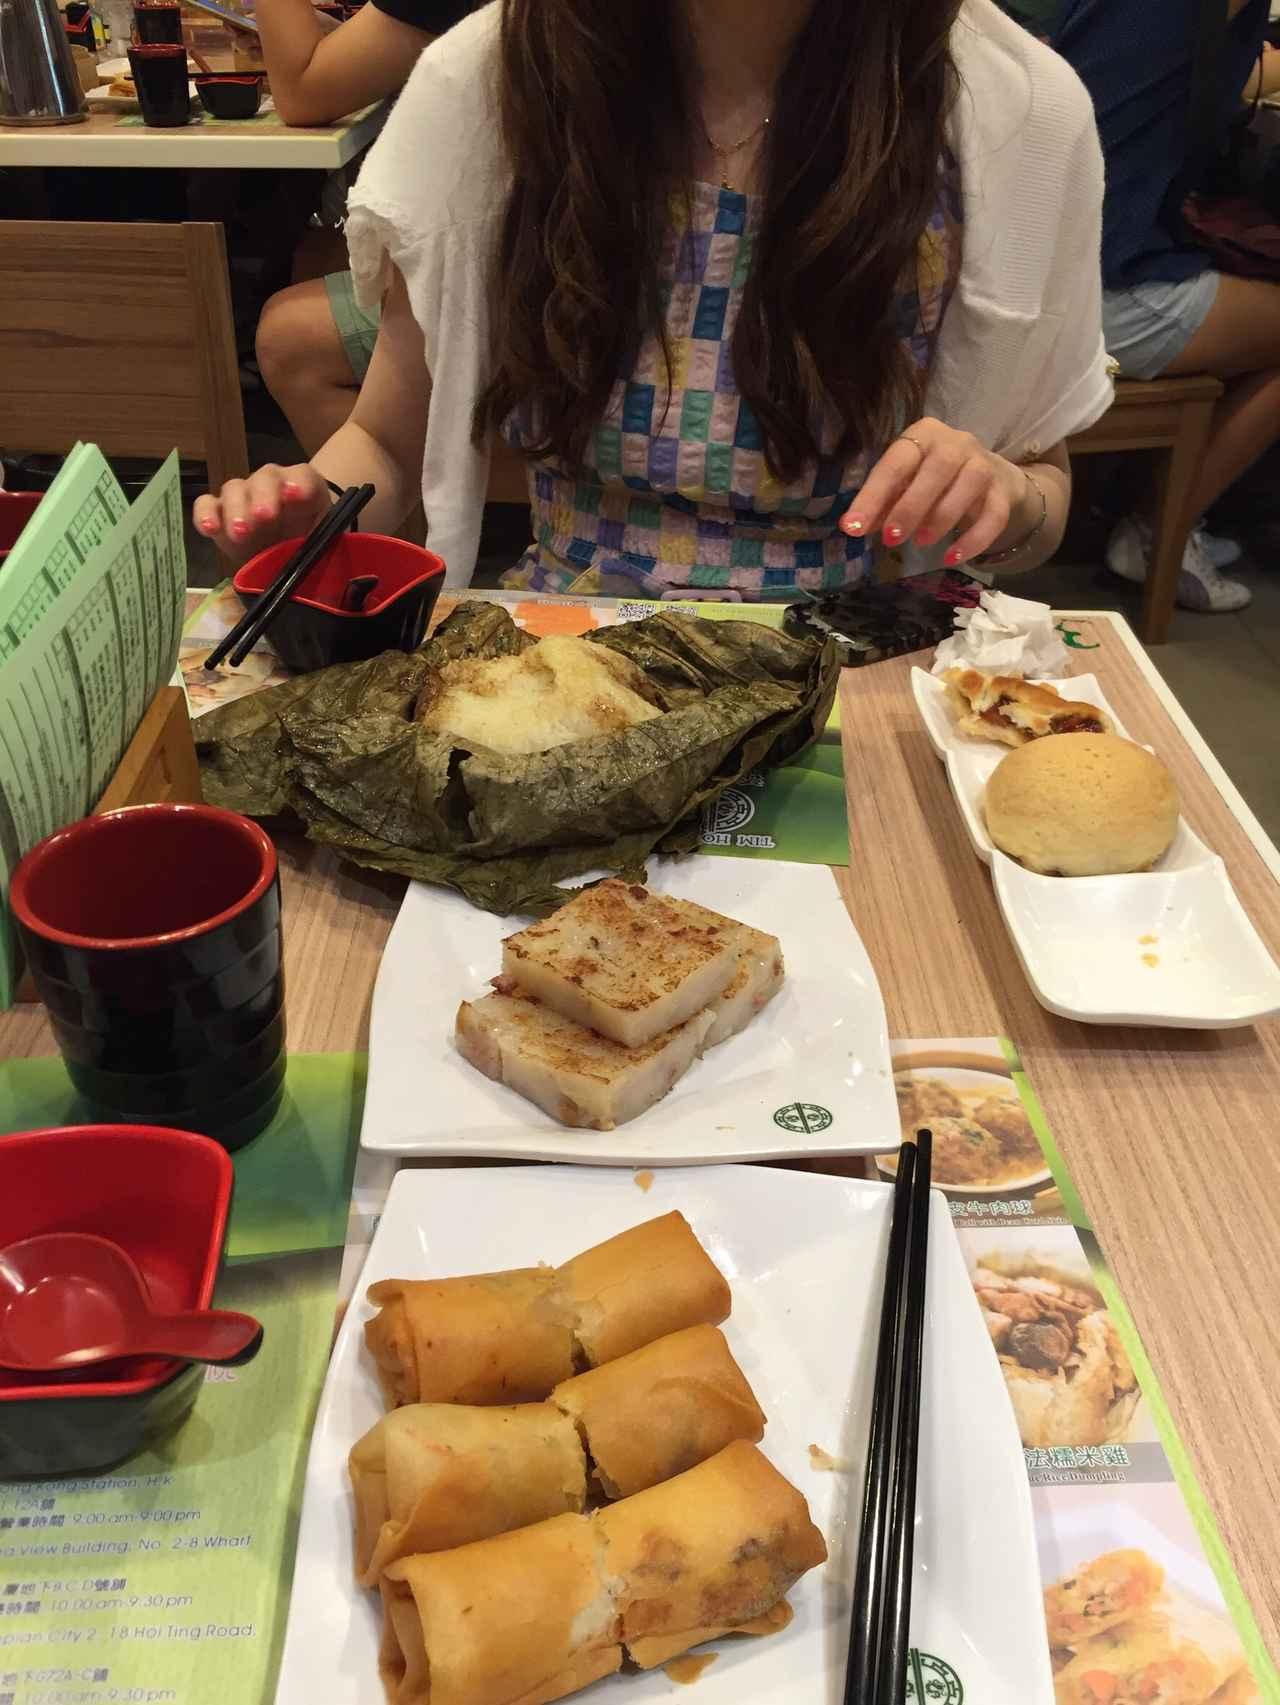 画像3: 世界一安いミシュランレストランに行くぞ! ロレンス編集部の「コレがしたいアレが欲しい 2018年4月」Akiko編